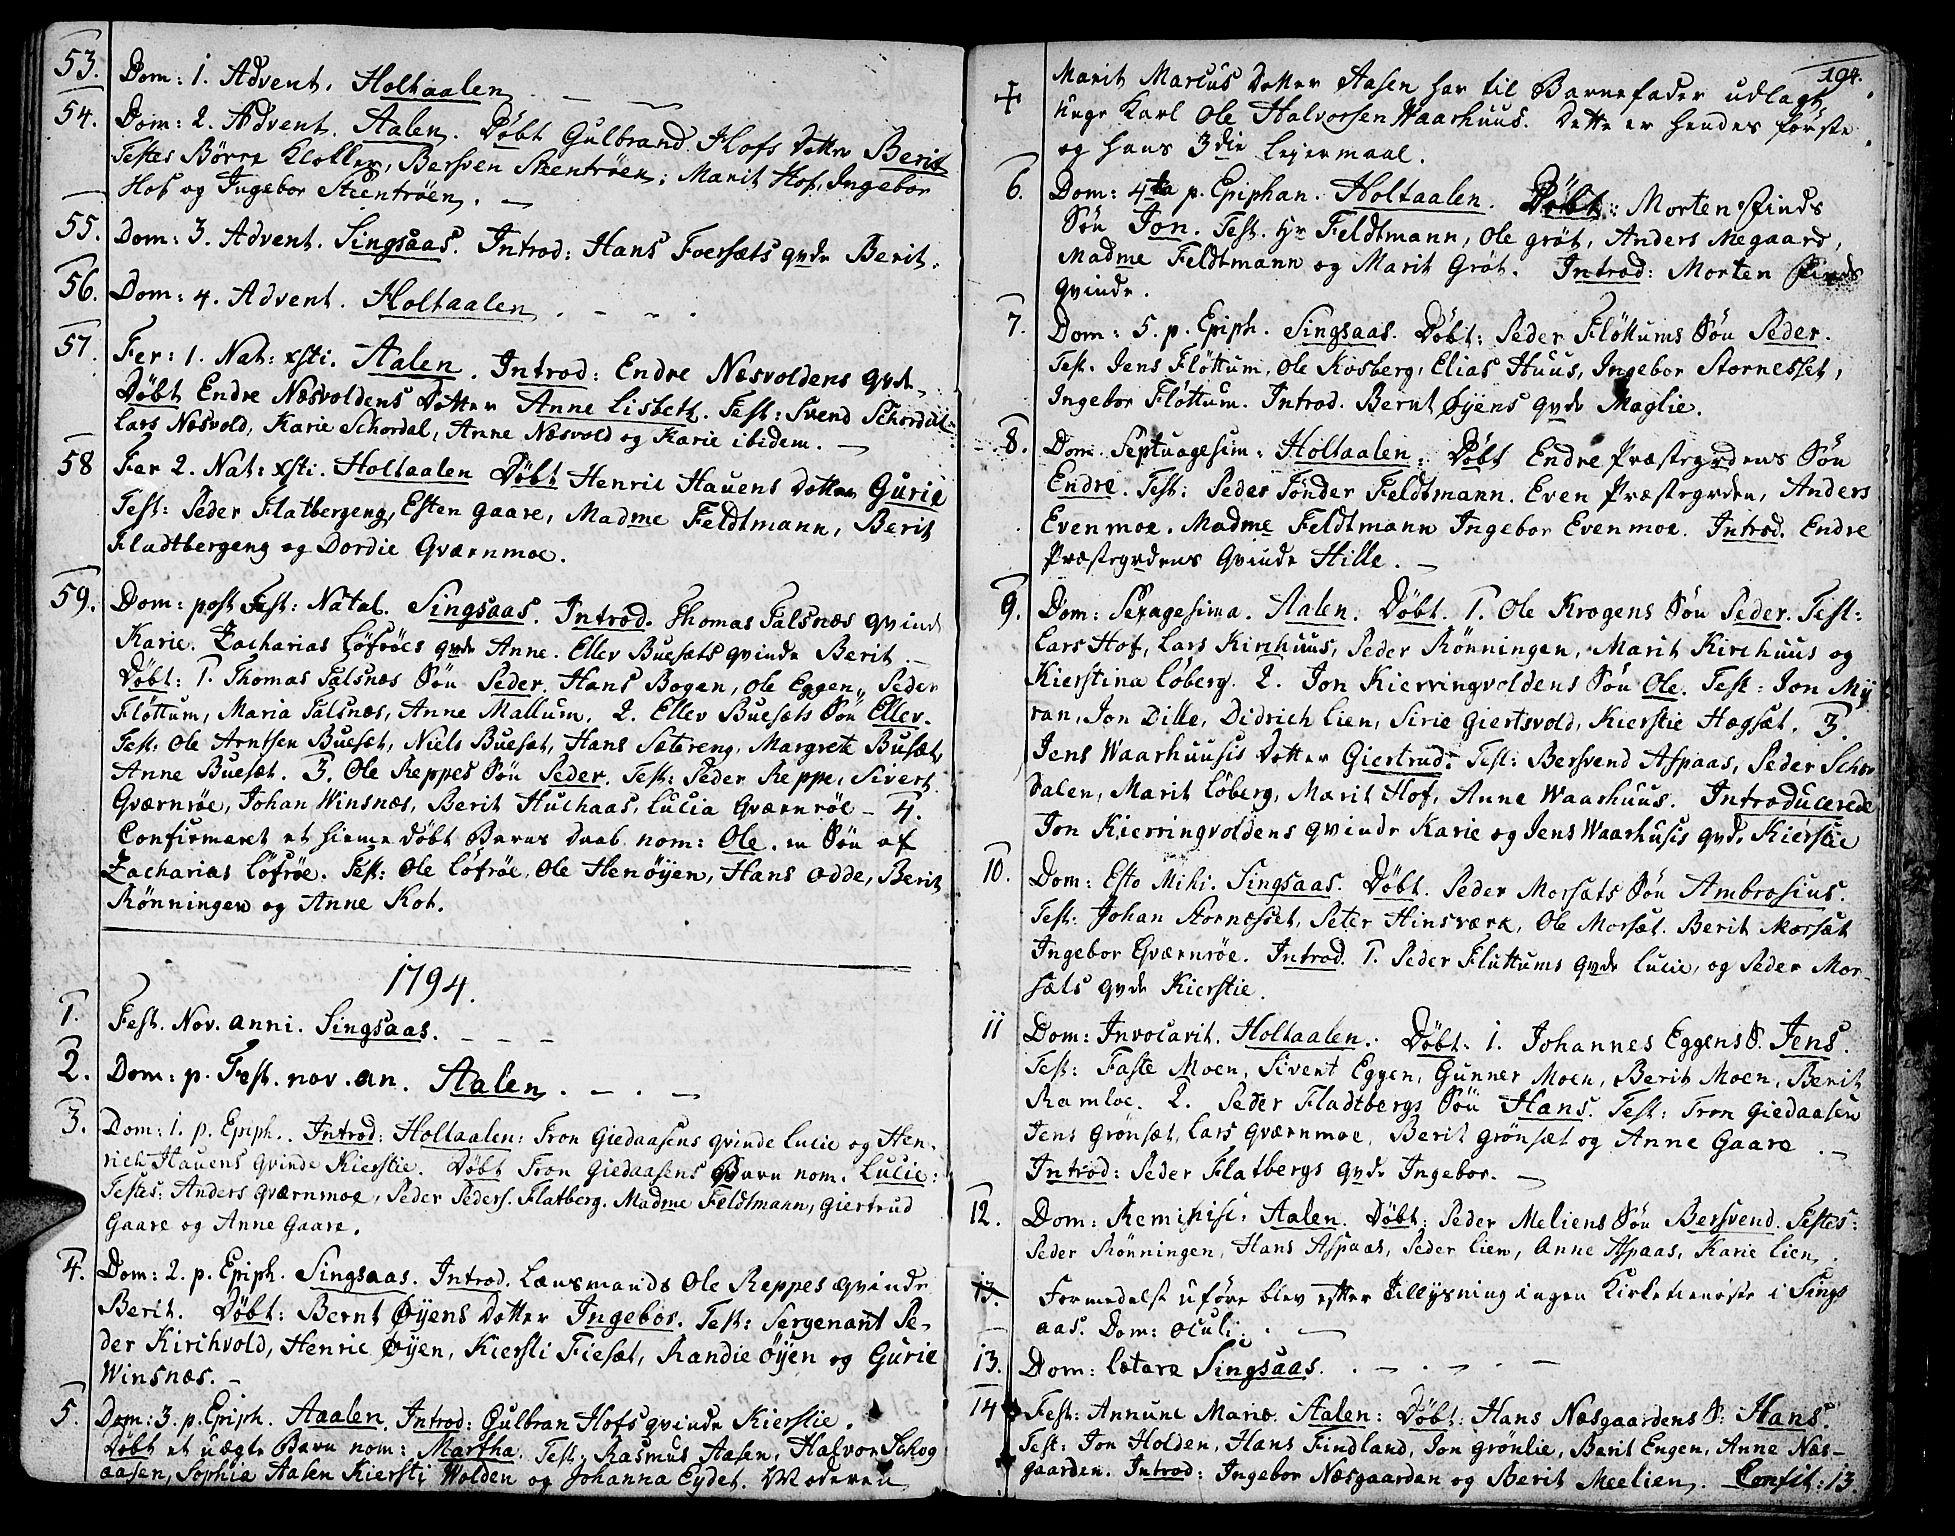 SAT, Ministerialprotokoller, klokkerbøker og fødselsregistre - Sør-Trøndelag, 685/L0952: Ministerialbok nr. 685A01, 1745-1804, s. 194